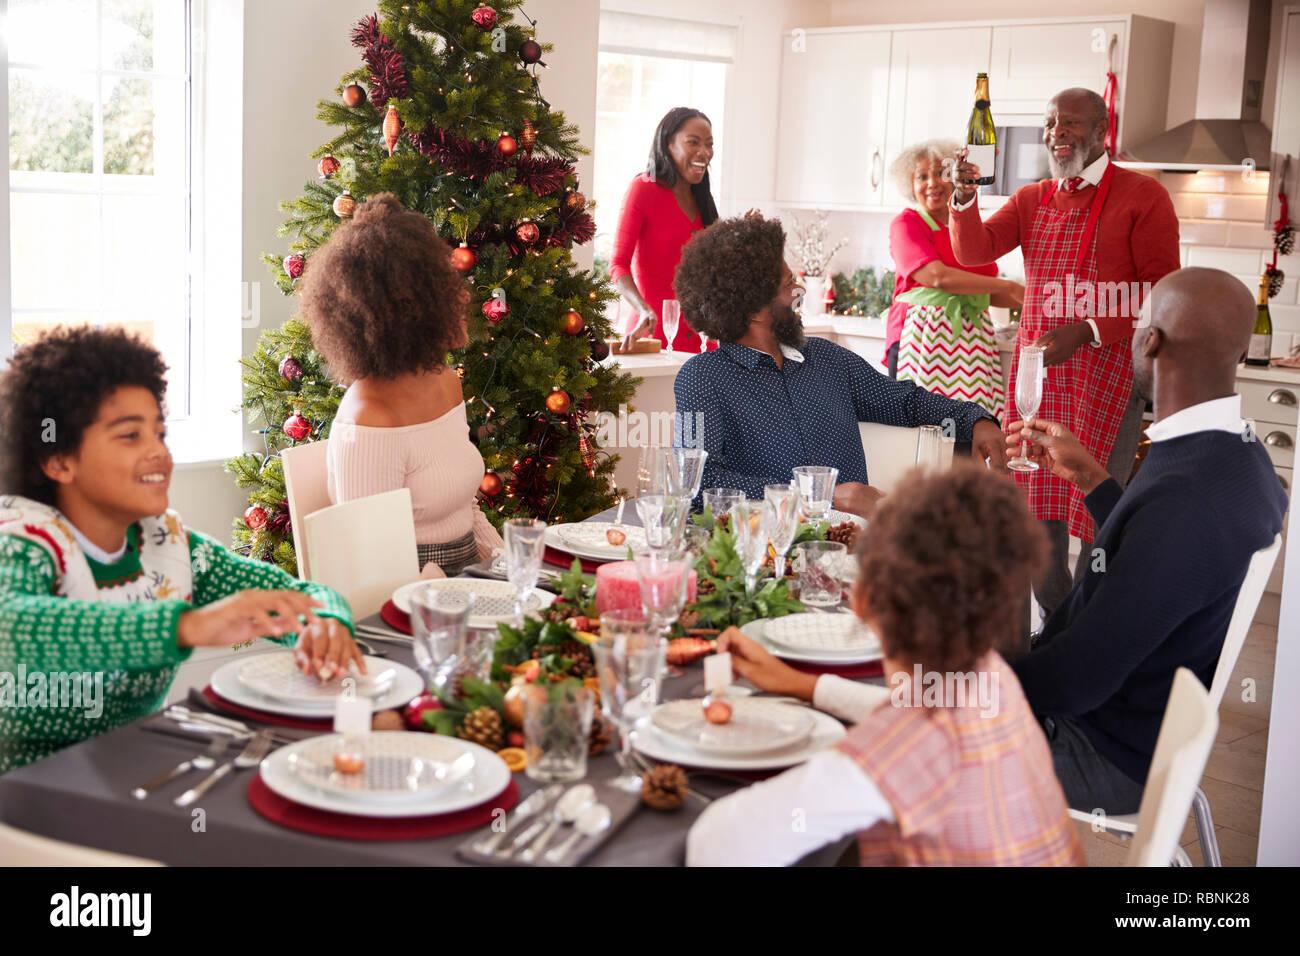 Course mixte, multi génération réunion de famille dans la salle à s'asseoir pour le dîner de Noël, grand-père holding champagne Photo Stock